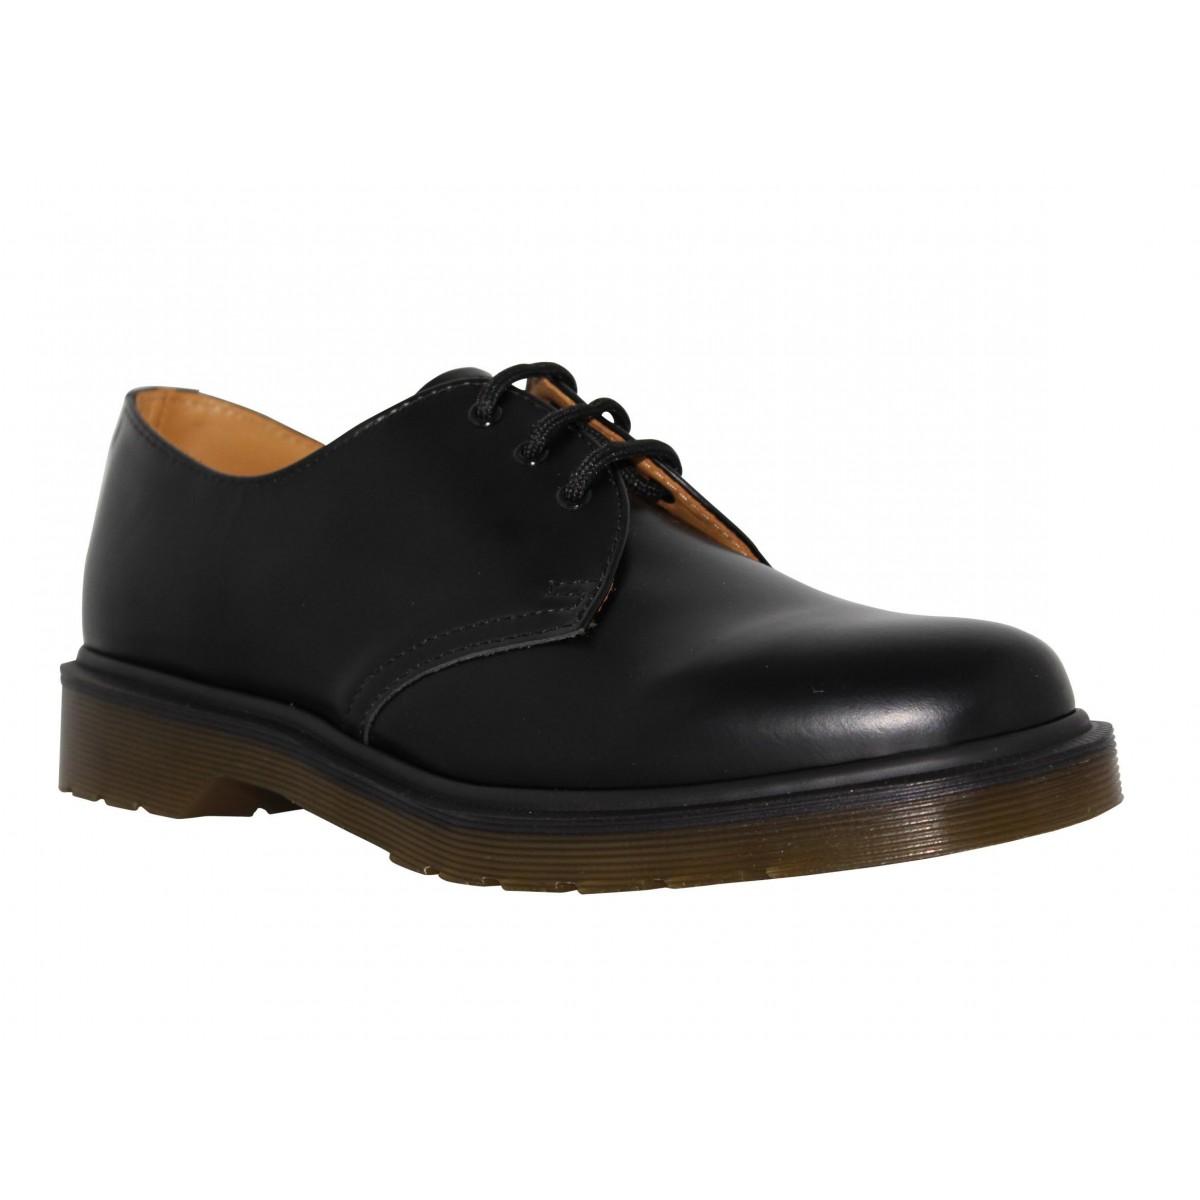 Chaussures à lacets Dr MARTENS 1461 cuir Homme Noir